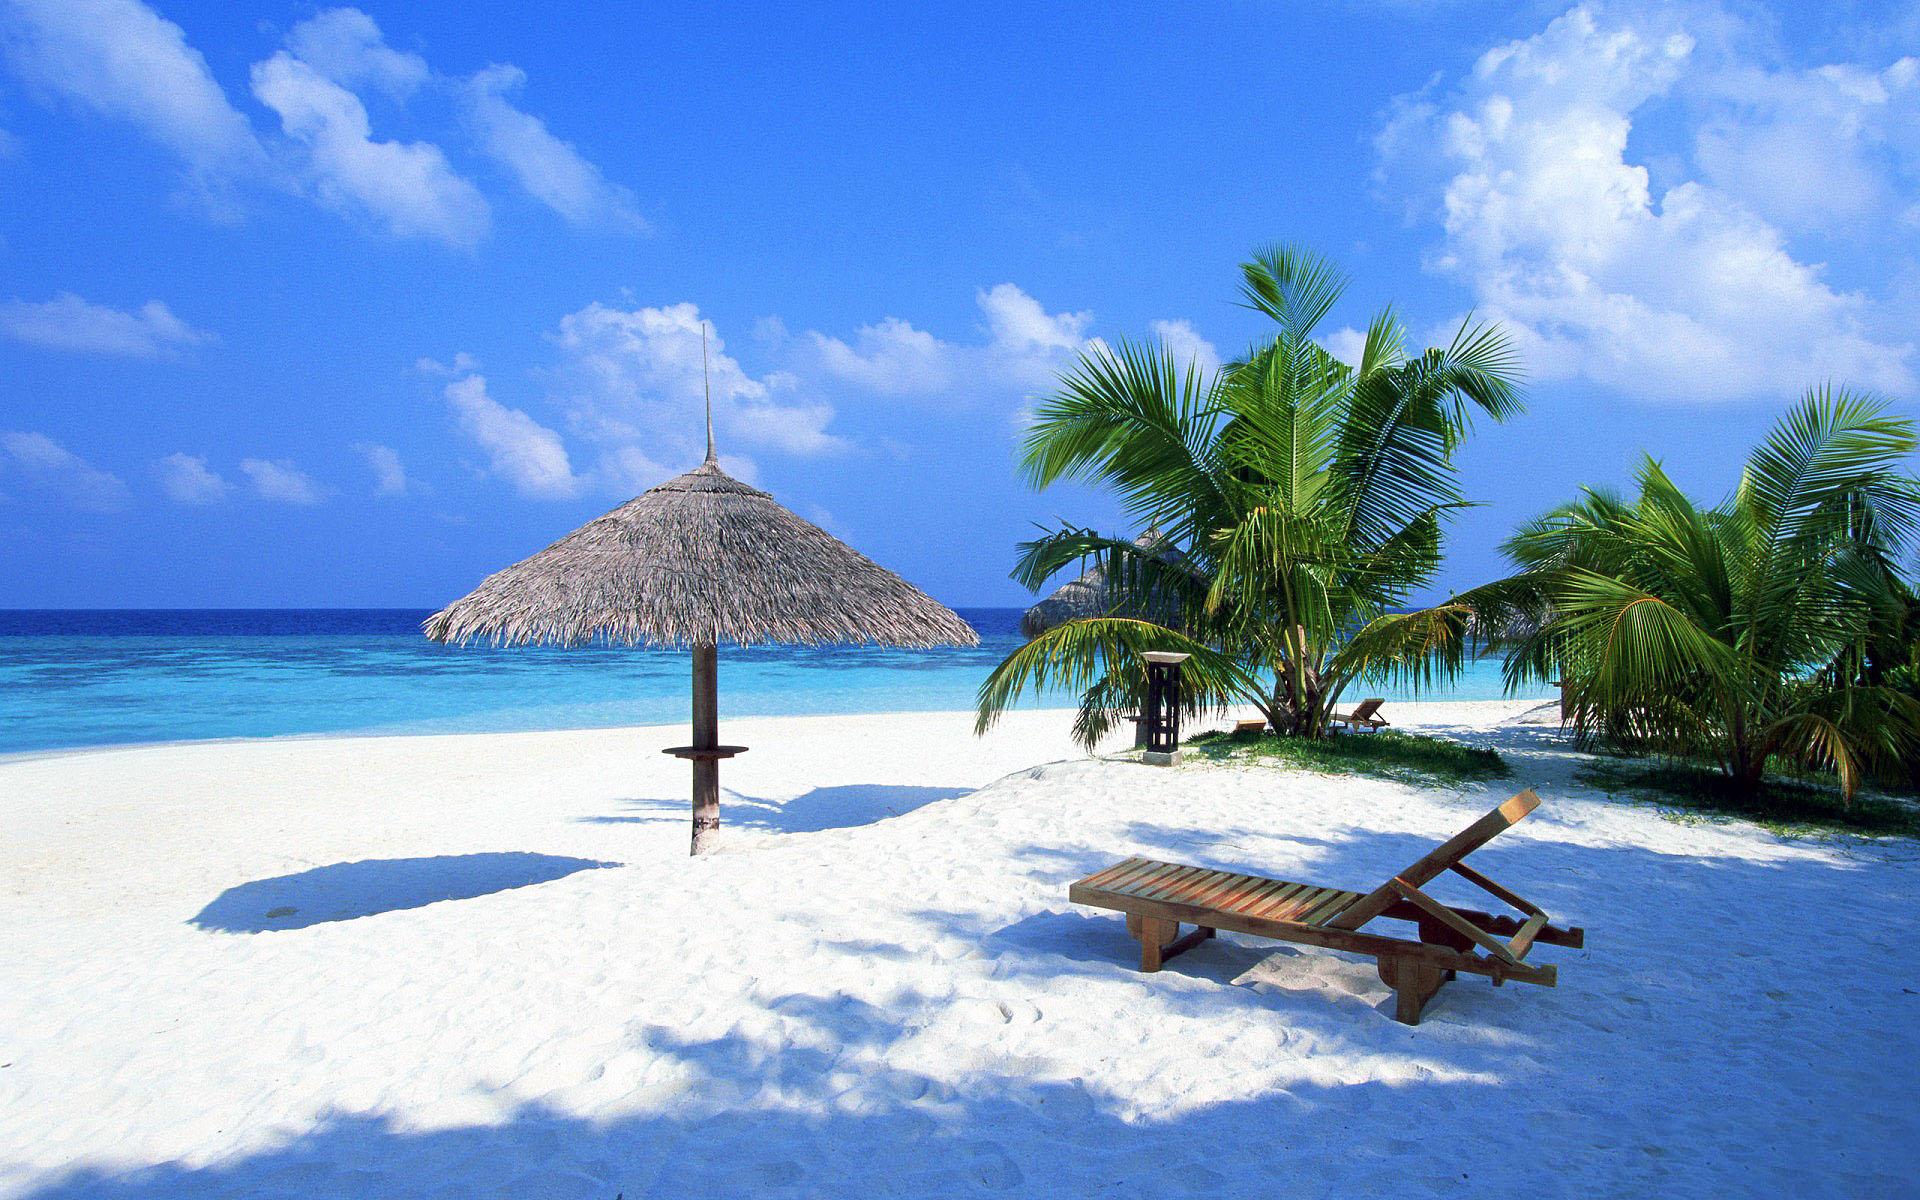 beach sand wallpaper, palm trees, скачать фото, обои для рабочего стола, грибок